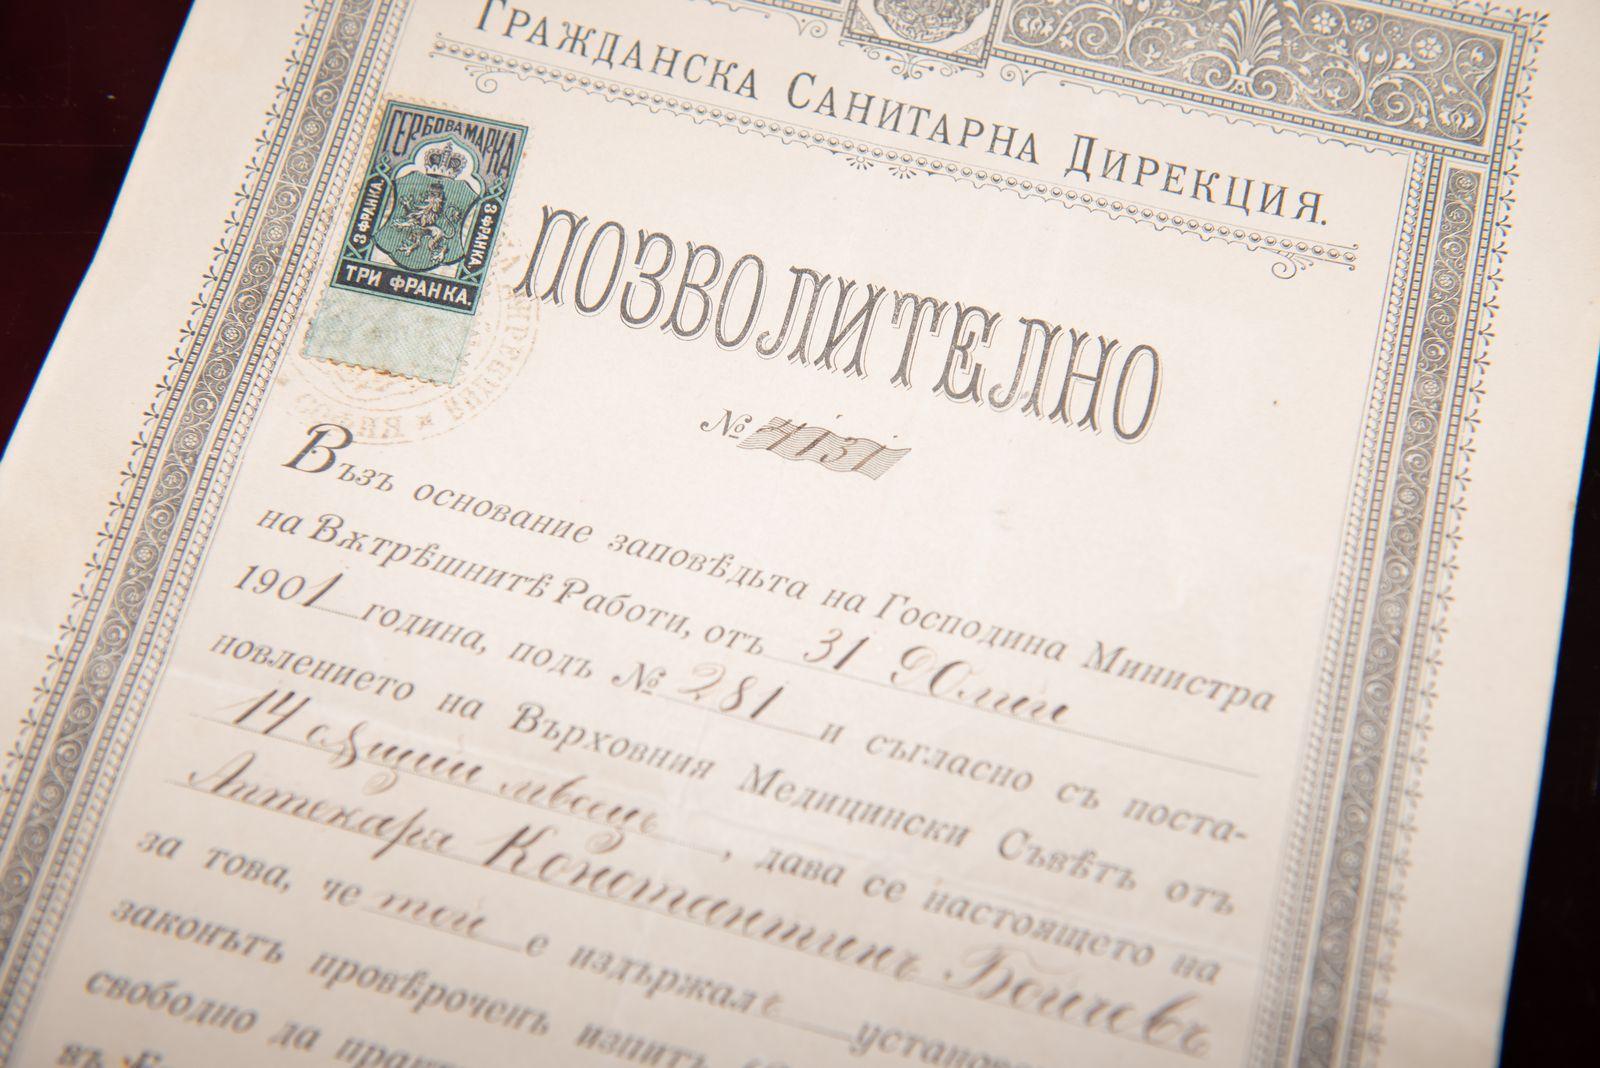 Muzei195_Позволително на Константин Бойчев